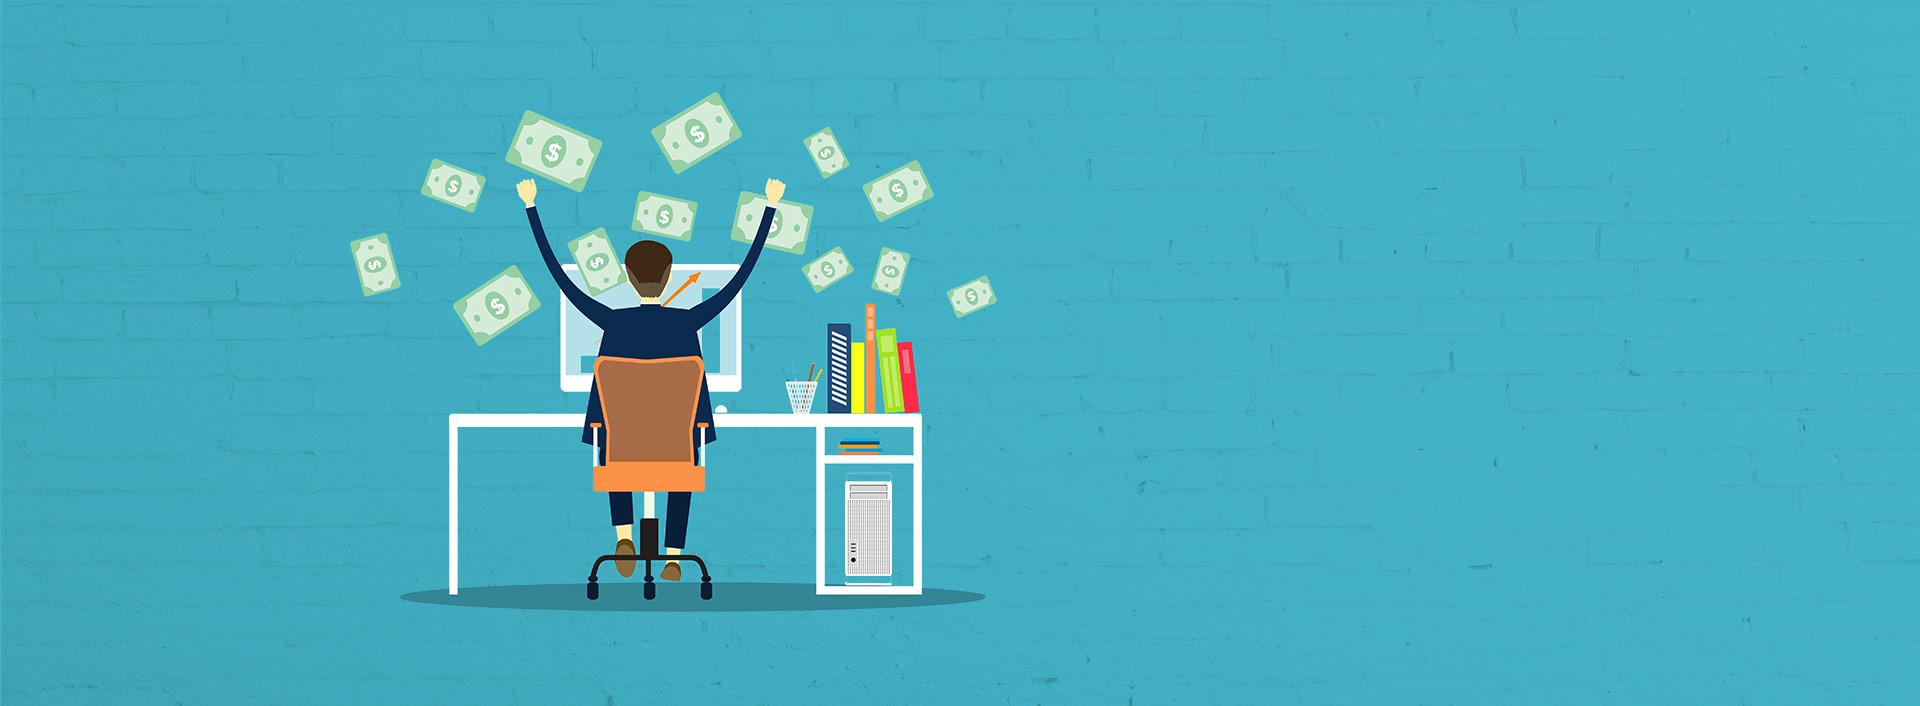 Atteindre nouveau clients, économiser votre temps et argent